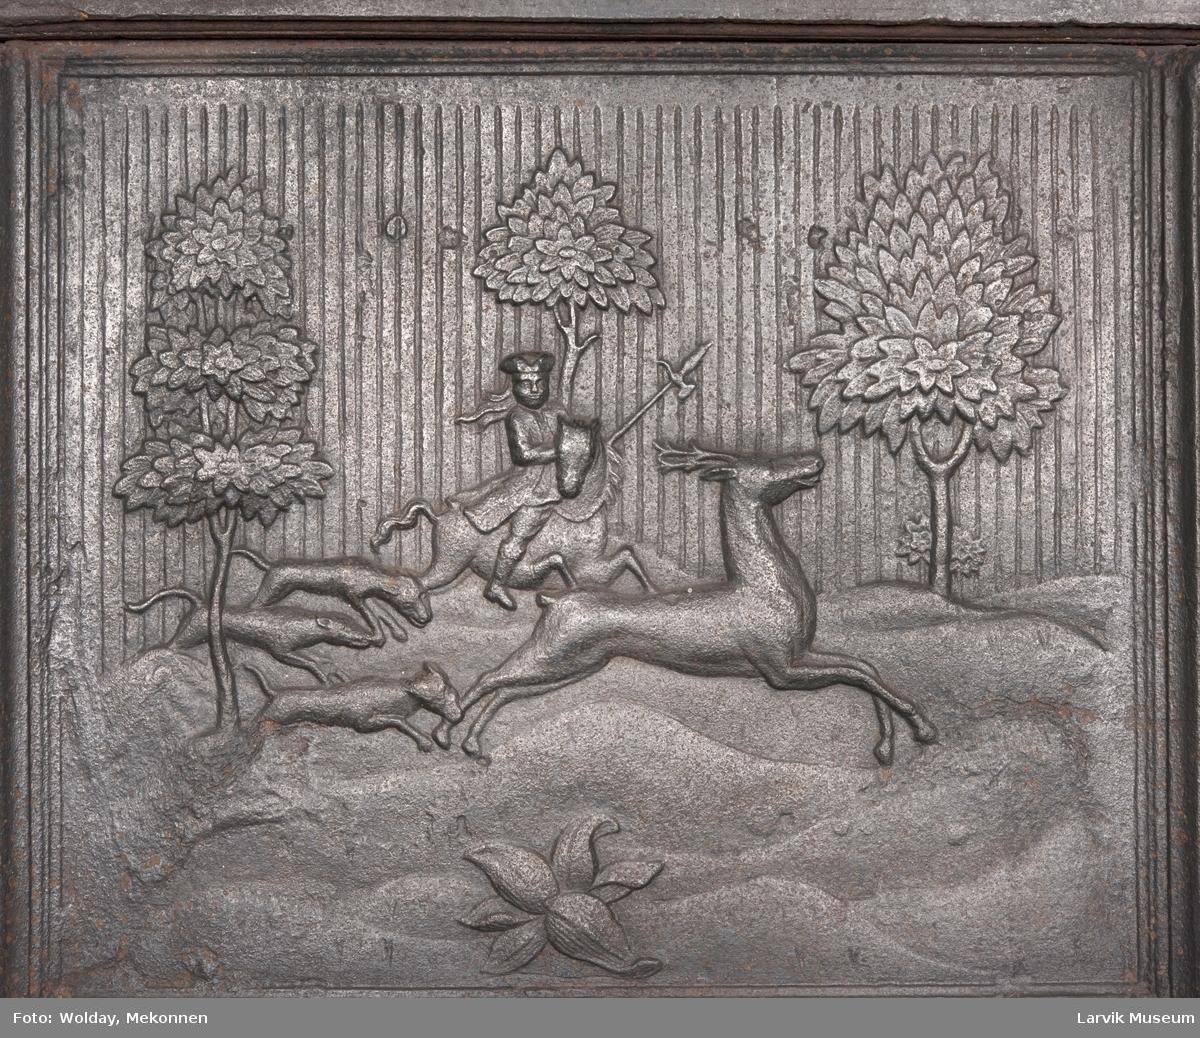 Buet askebrett.  1. etsje langside: Jeger til hest med tre hunder, jager en hjort i kupert terreng med trær.  1. etasje kortside:  Fliket bladverk, laurbærkrans. 1. etasje kortside: Under fliket bladverk, dør med gjennombruttlufteåpning.  2. etsje langside: Rocaille-ornamentikk. 2.etasje kortside: Stor vase med blomster alle sider untatt bakre kortsider. 1.etg. riflet bunn. jfr. 485c i Norsk Jernskulptur II.